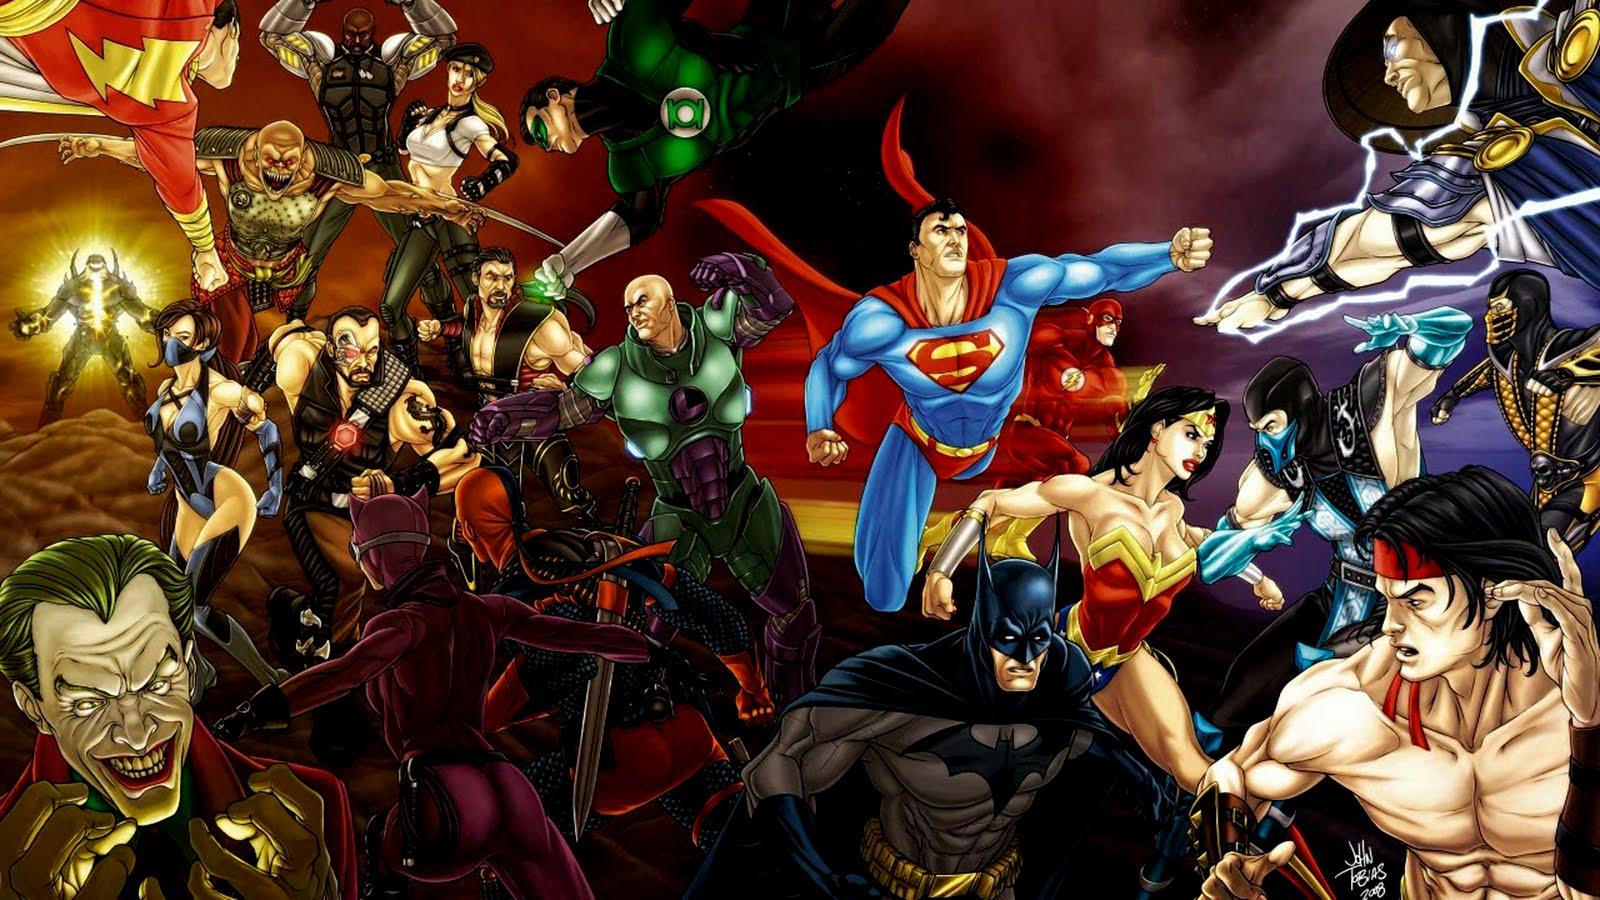 Central Wallpaper DC Comics All Super Heroes HD Wallpapers 1600x900